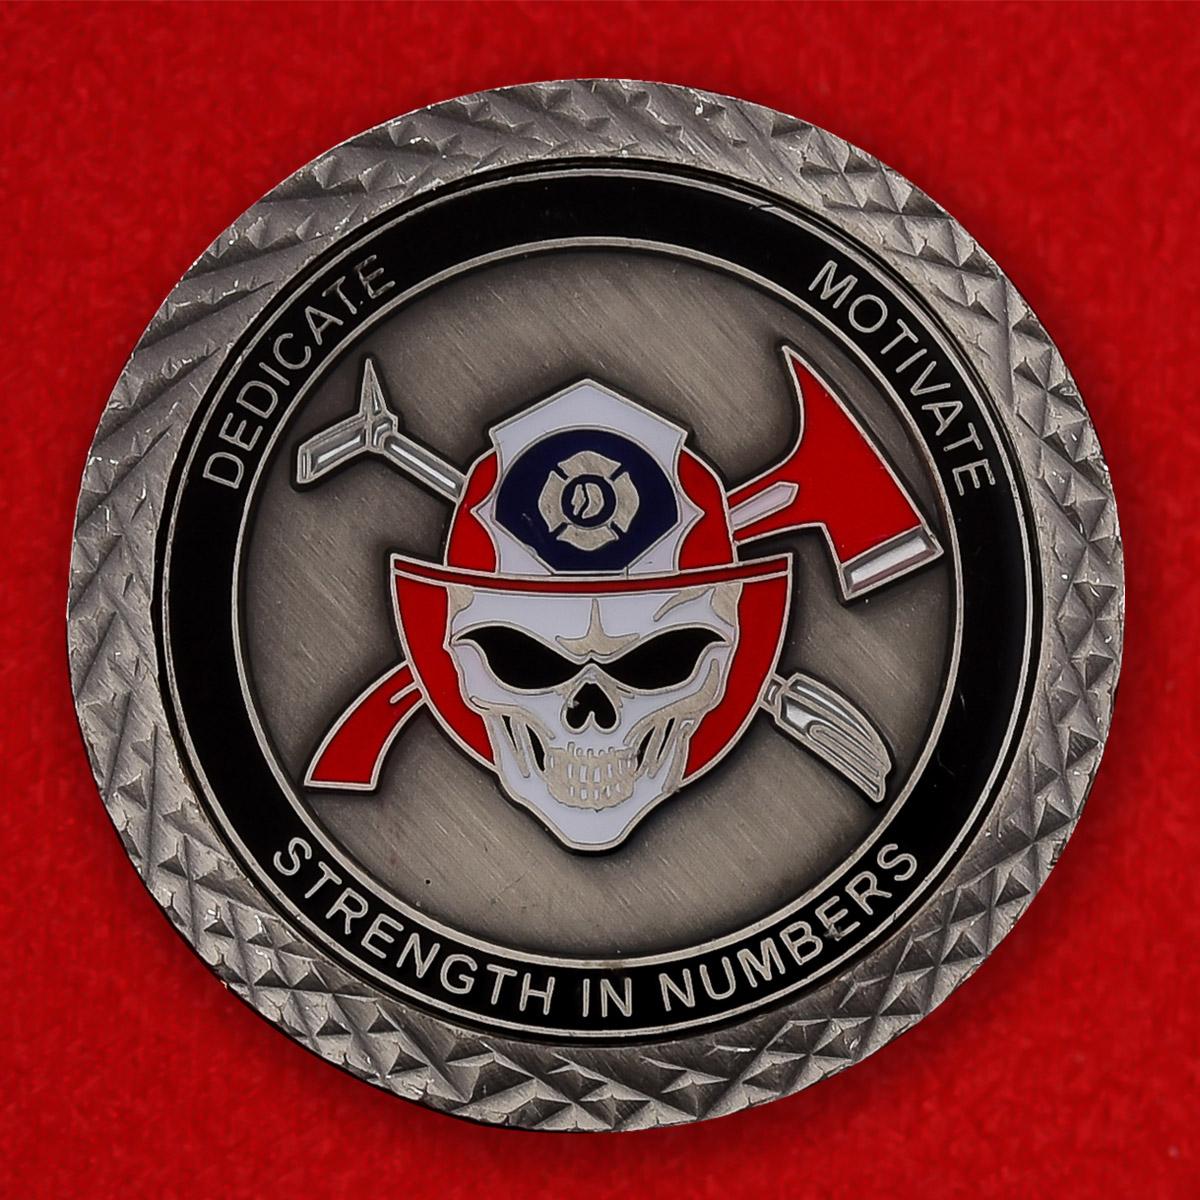 """Памятная монета """"98-е учебное подразделение Пожарной охраны Сиэттла"""""""